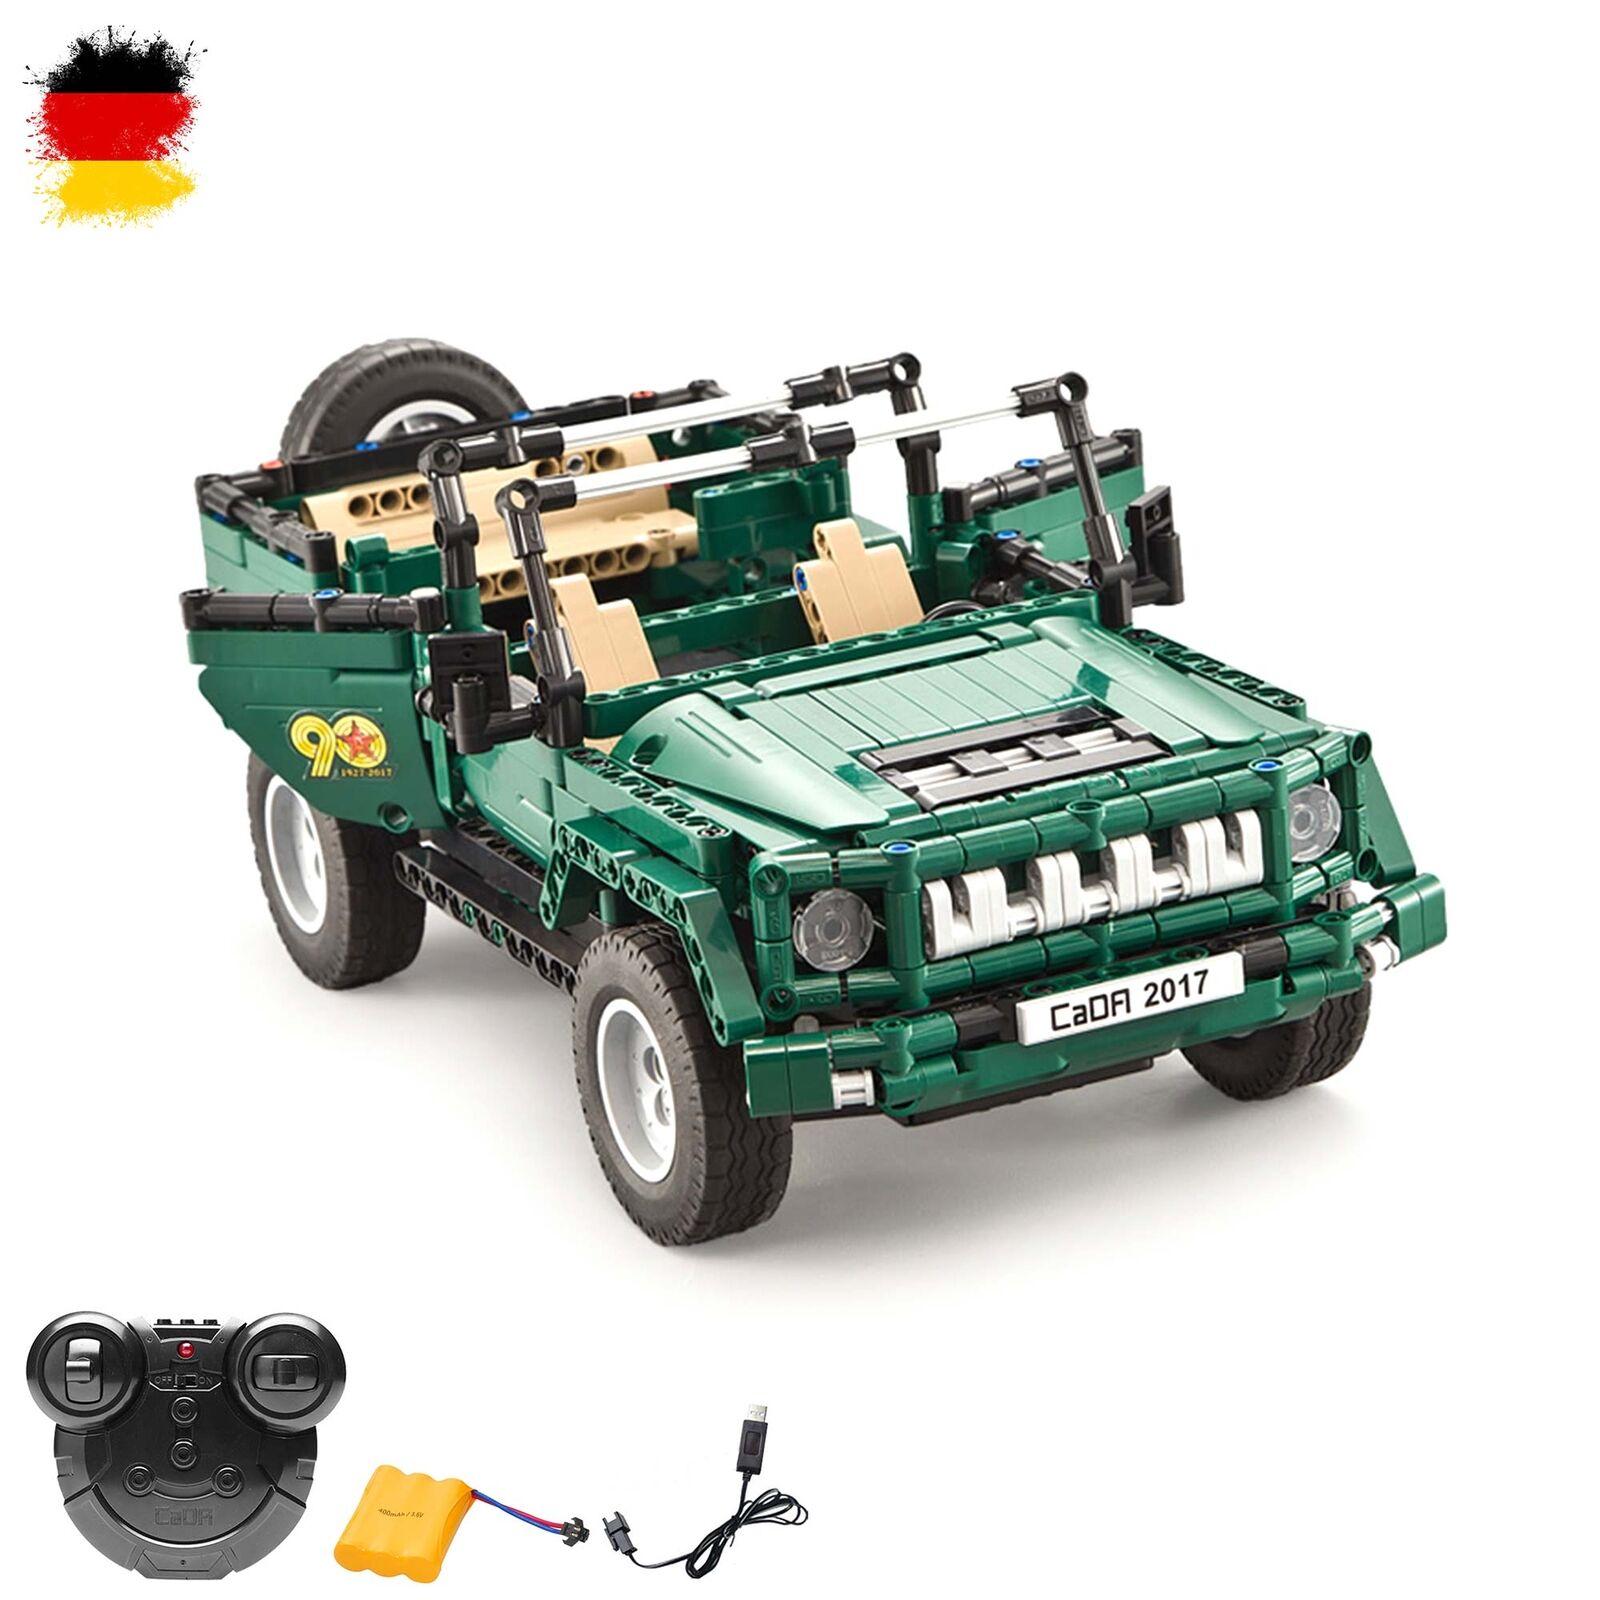 RC ferngesteuerter Militär-Fahrzeug aus Bausteinen Fernsteuerung, Auto-Modell